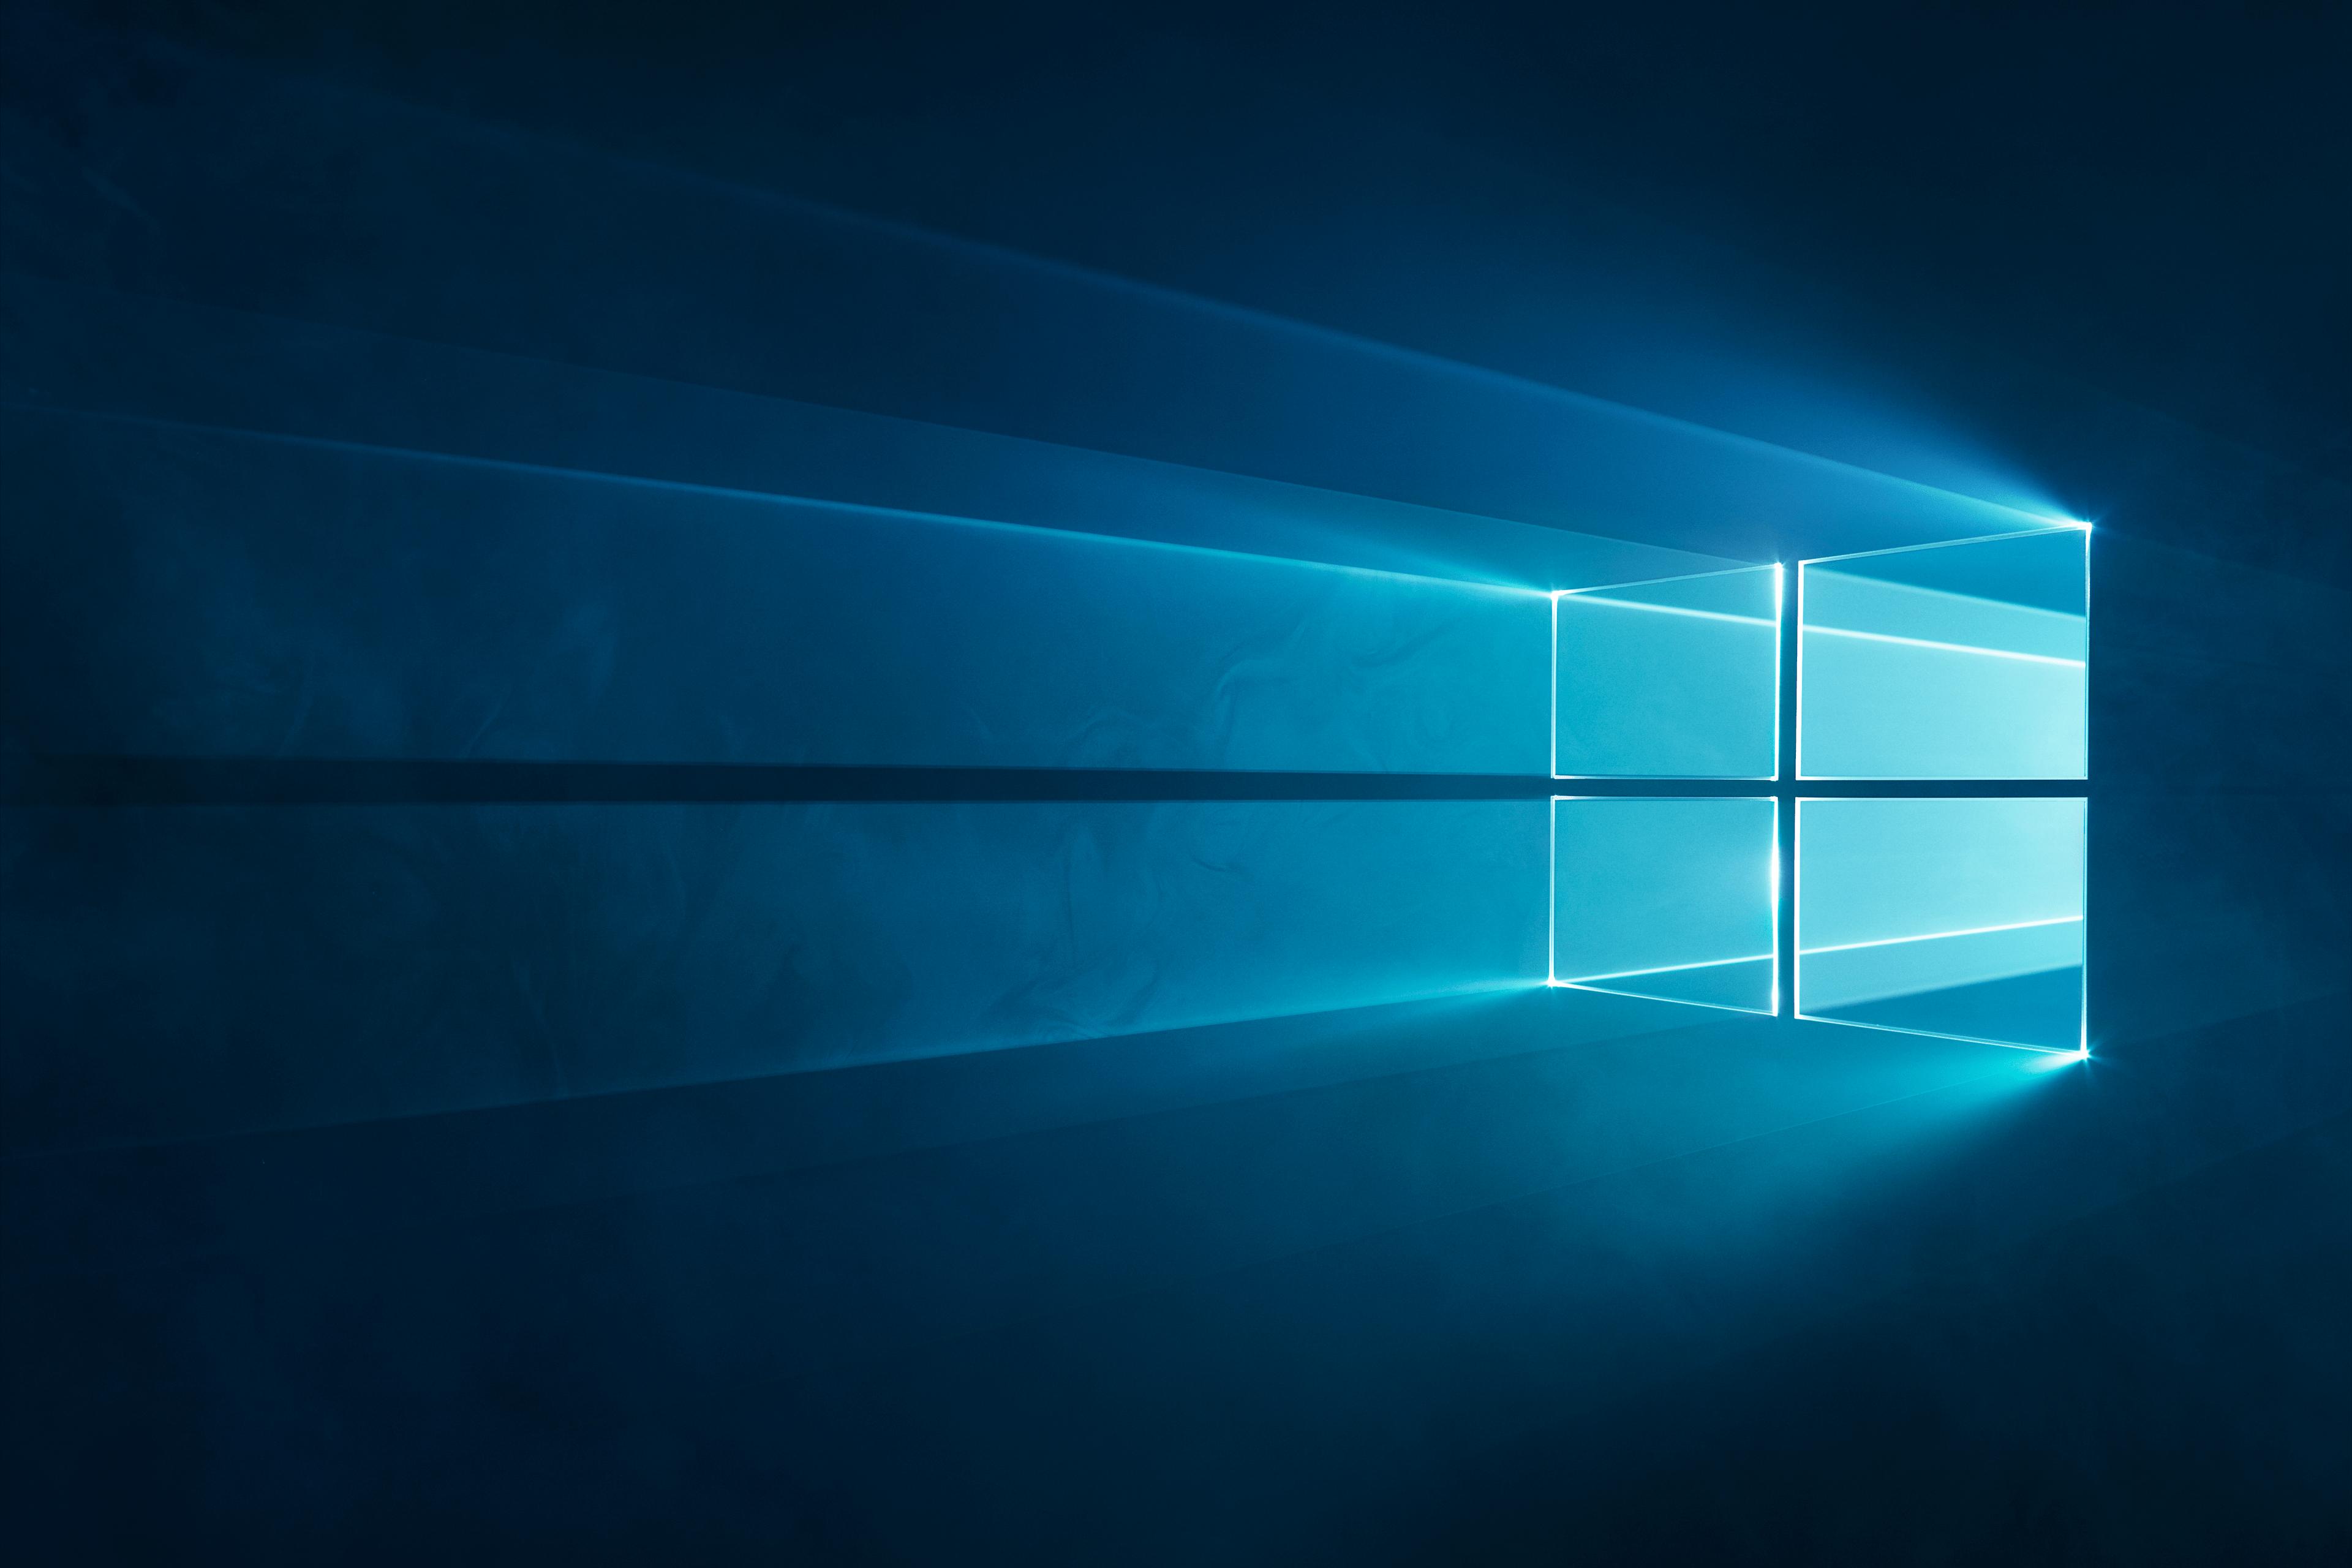 Desktop Windows 10 Wallpapers - Wallpaper Cave